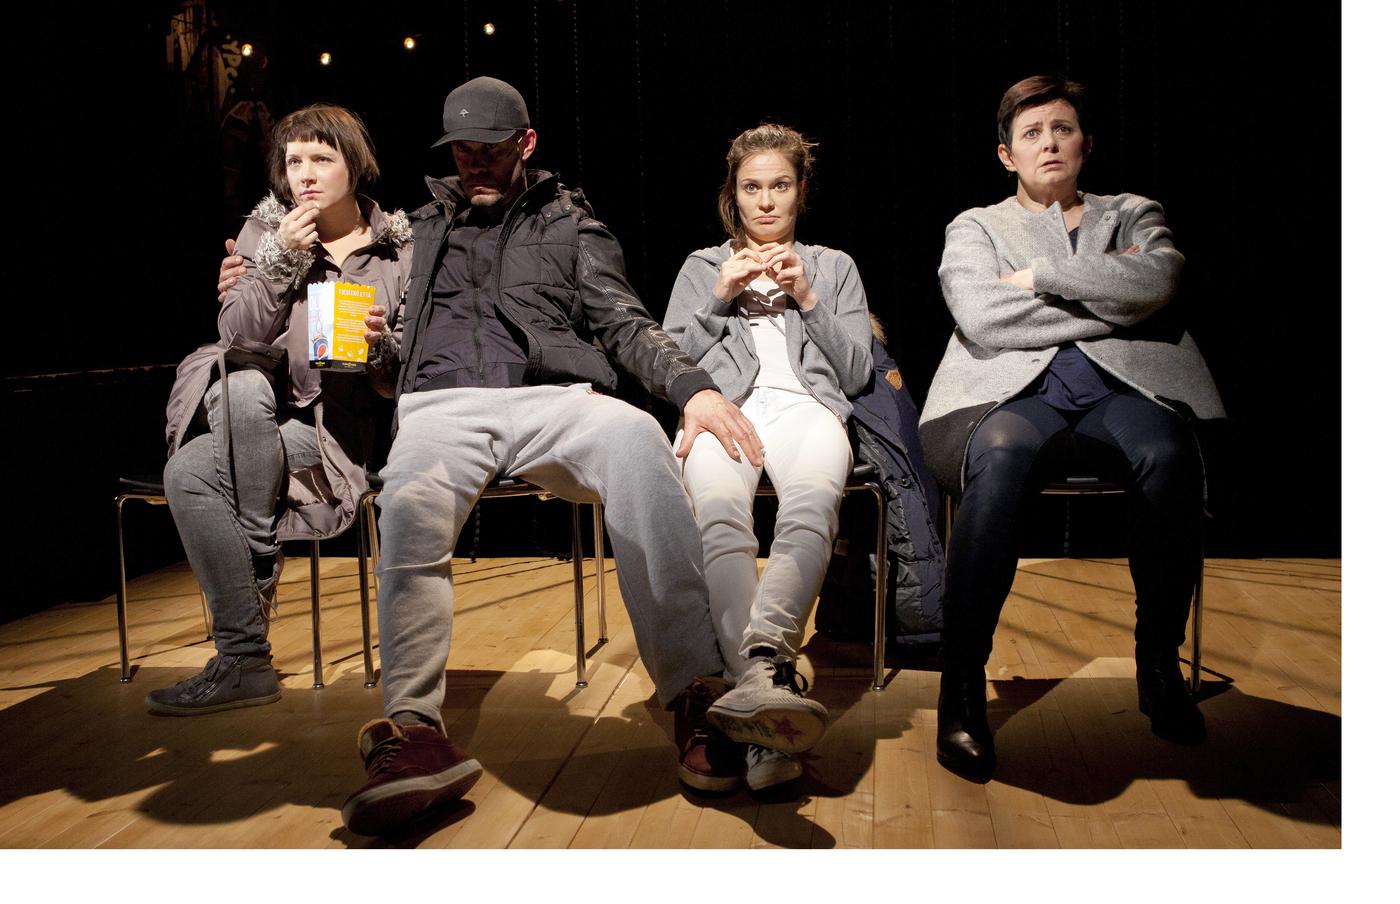 Teatterikesän terapiaviikko